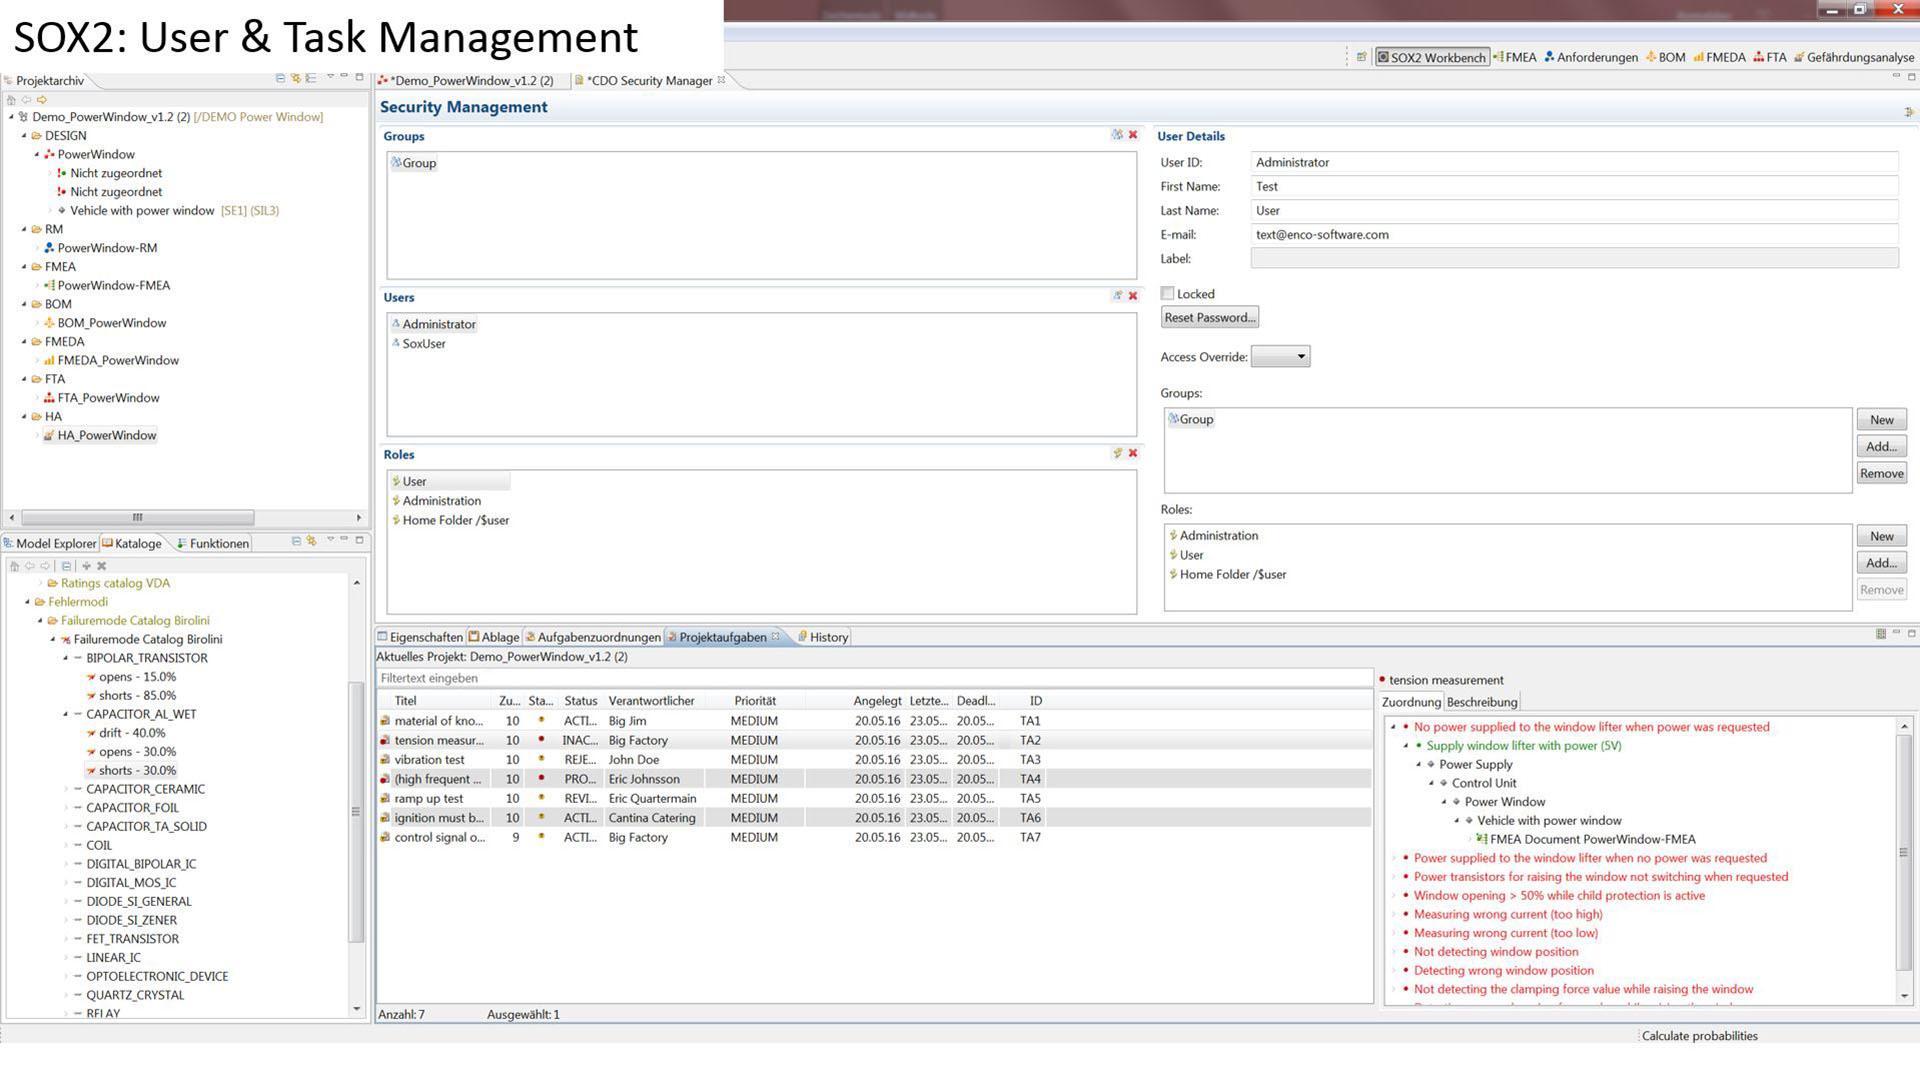 9 SOX2 User & Task Management